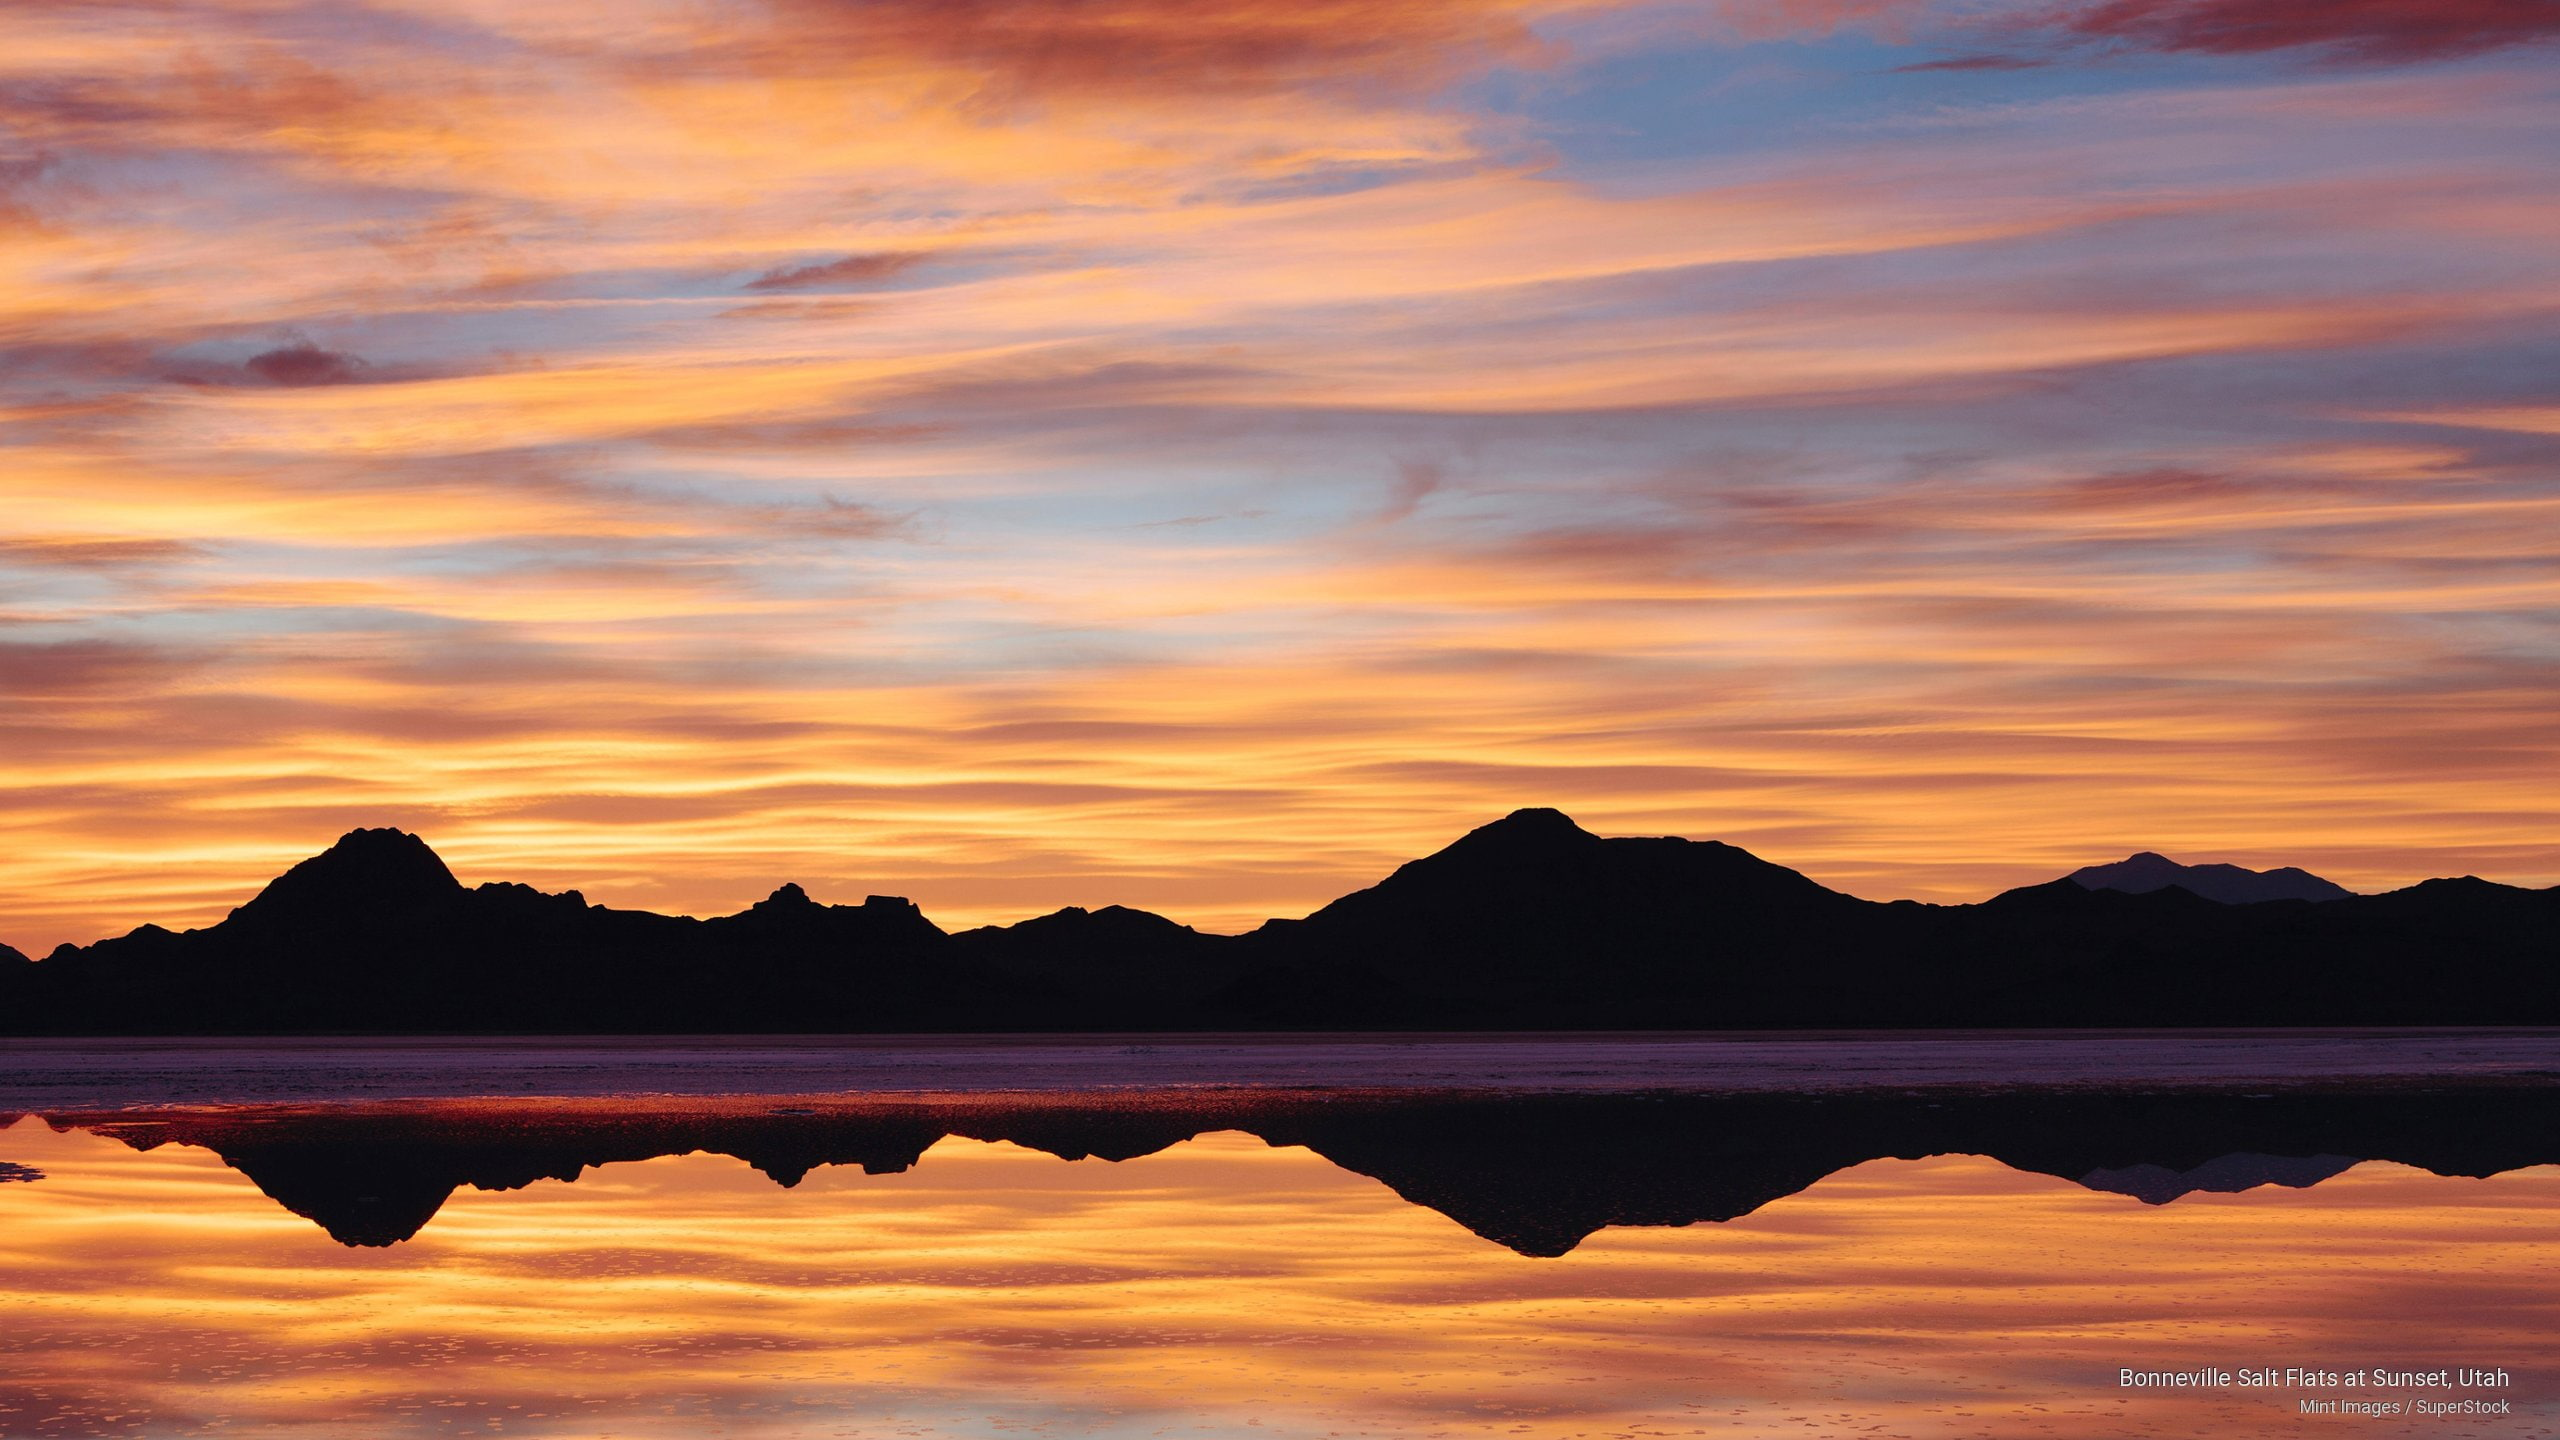 HD wallpaper Boniville Salt Flats Utah 440 Cuda entropy cars 2560x1440